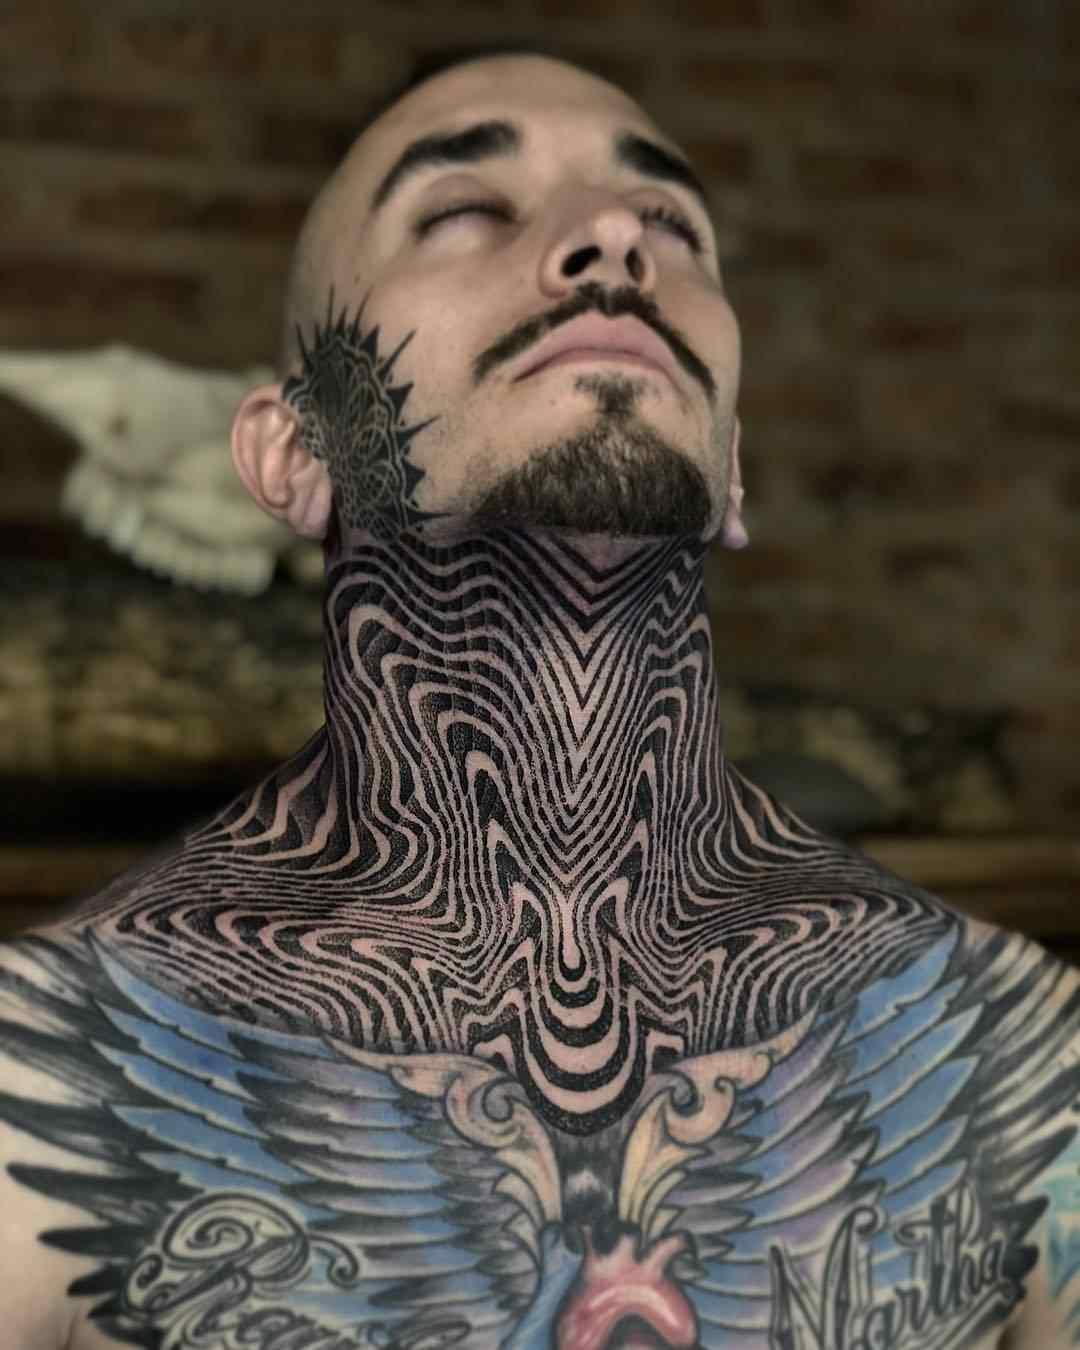 Vemos un tatuaje geometrico en blanco y negro en el cuello de un hombre